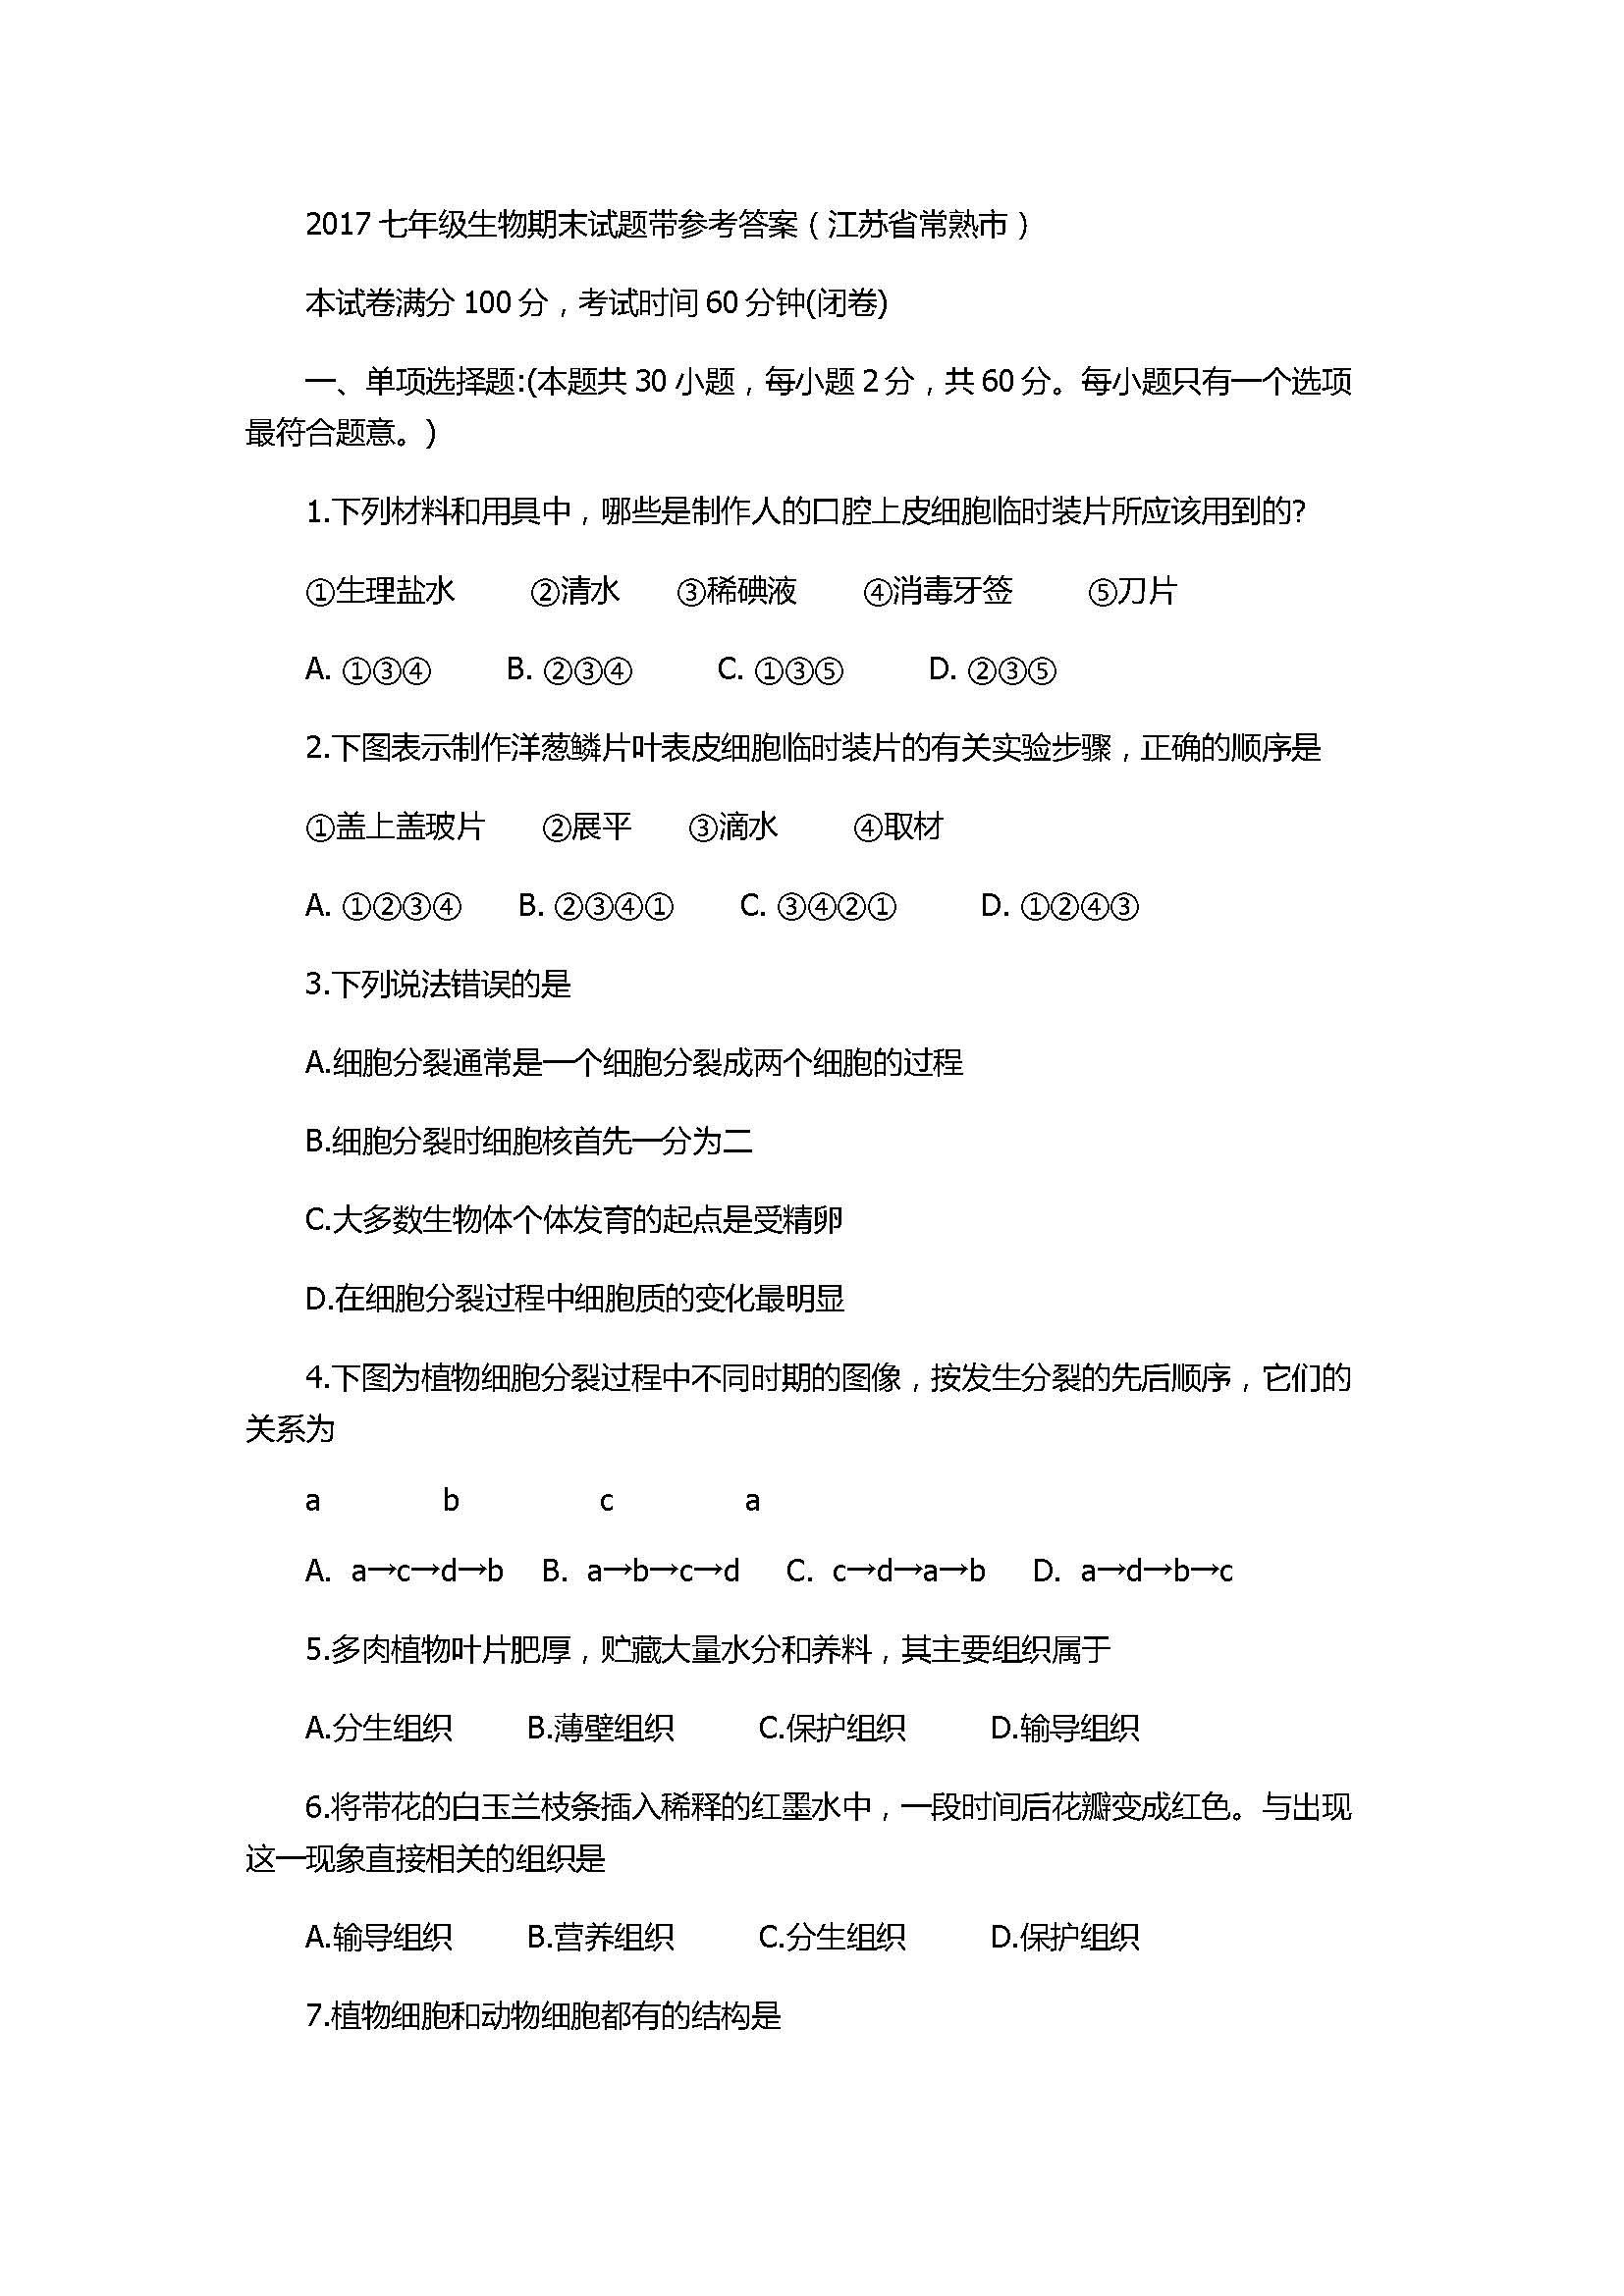 2017七年级生物期末试题带参考答案(江苏省常熟市)